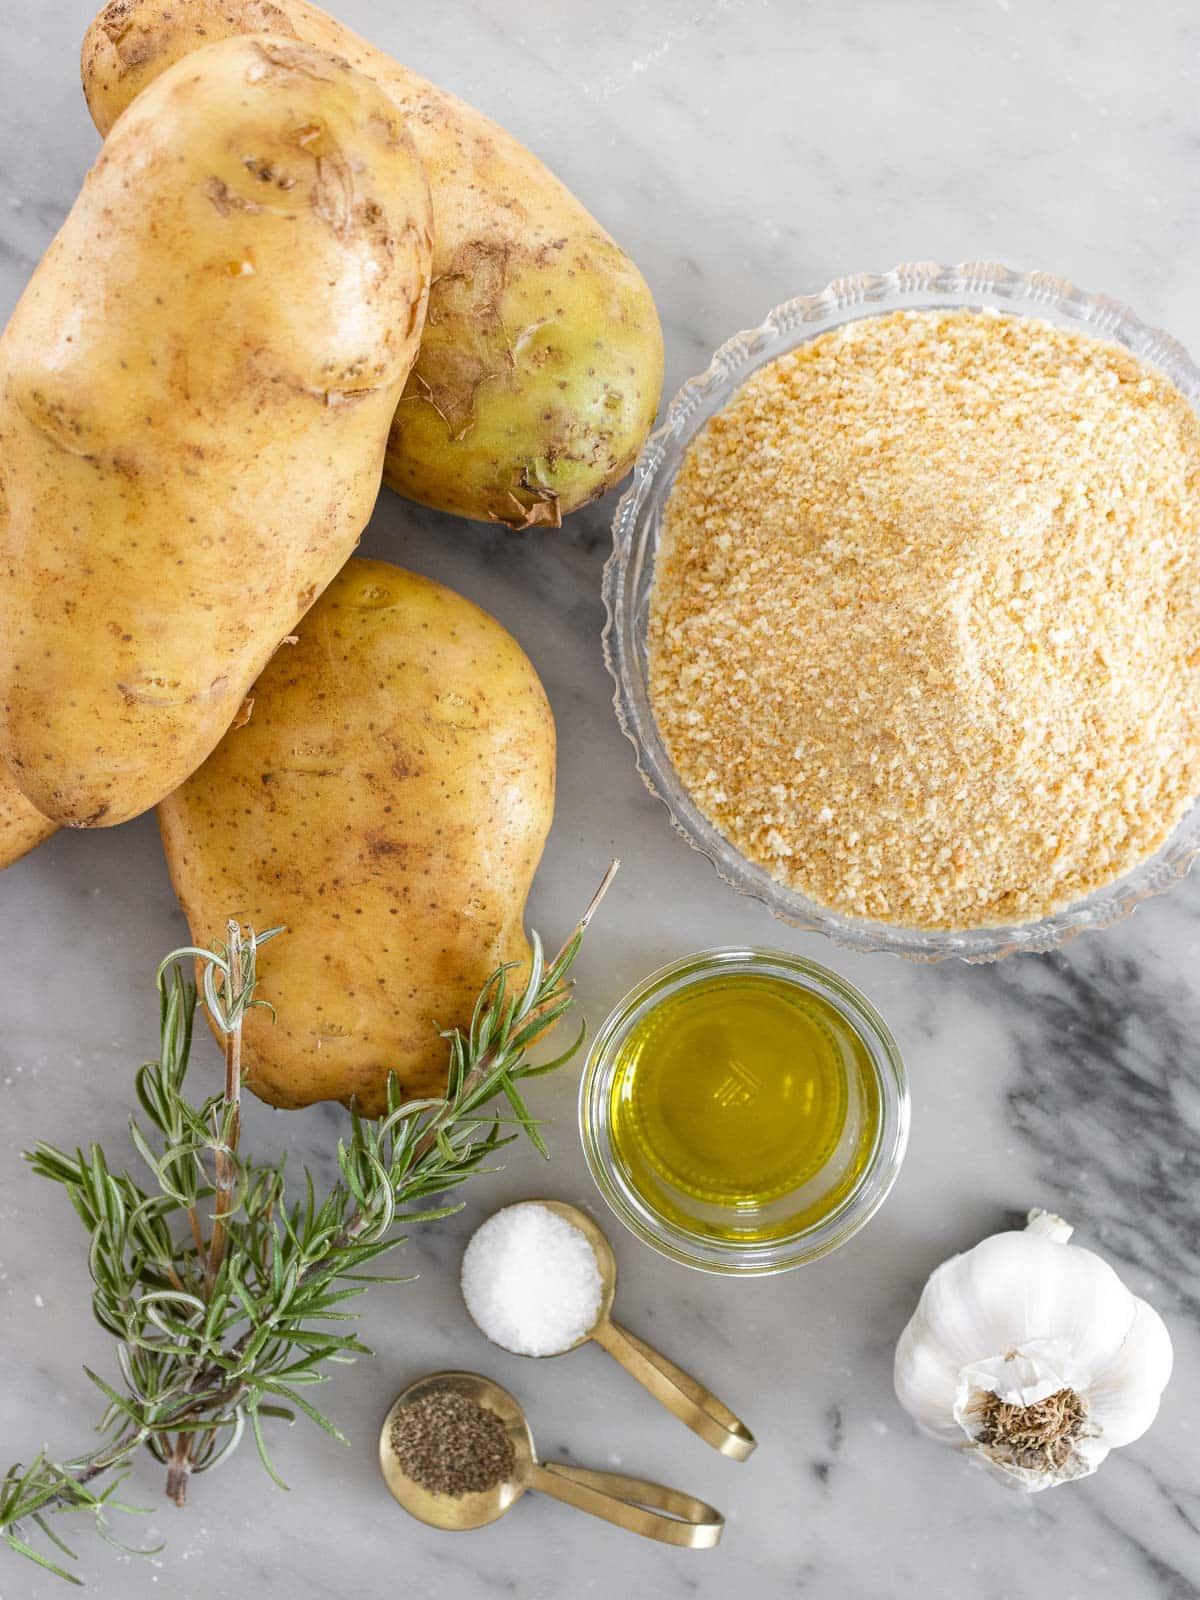 ingredienti per le patate arrosto